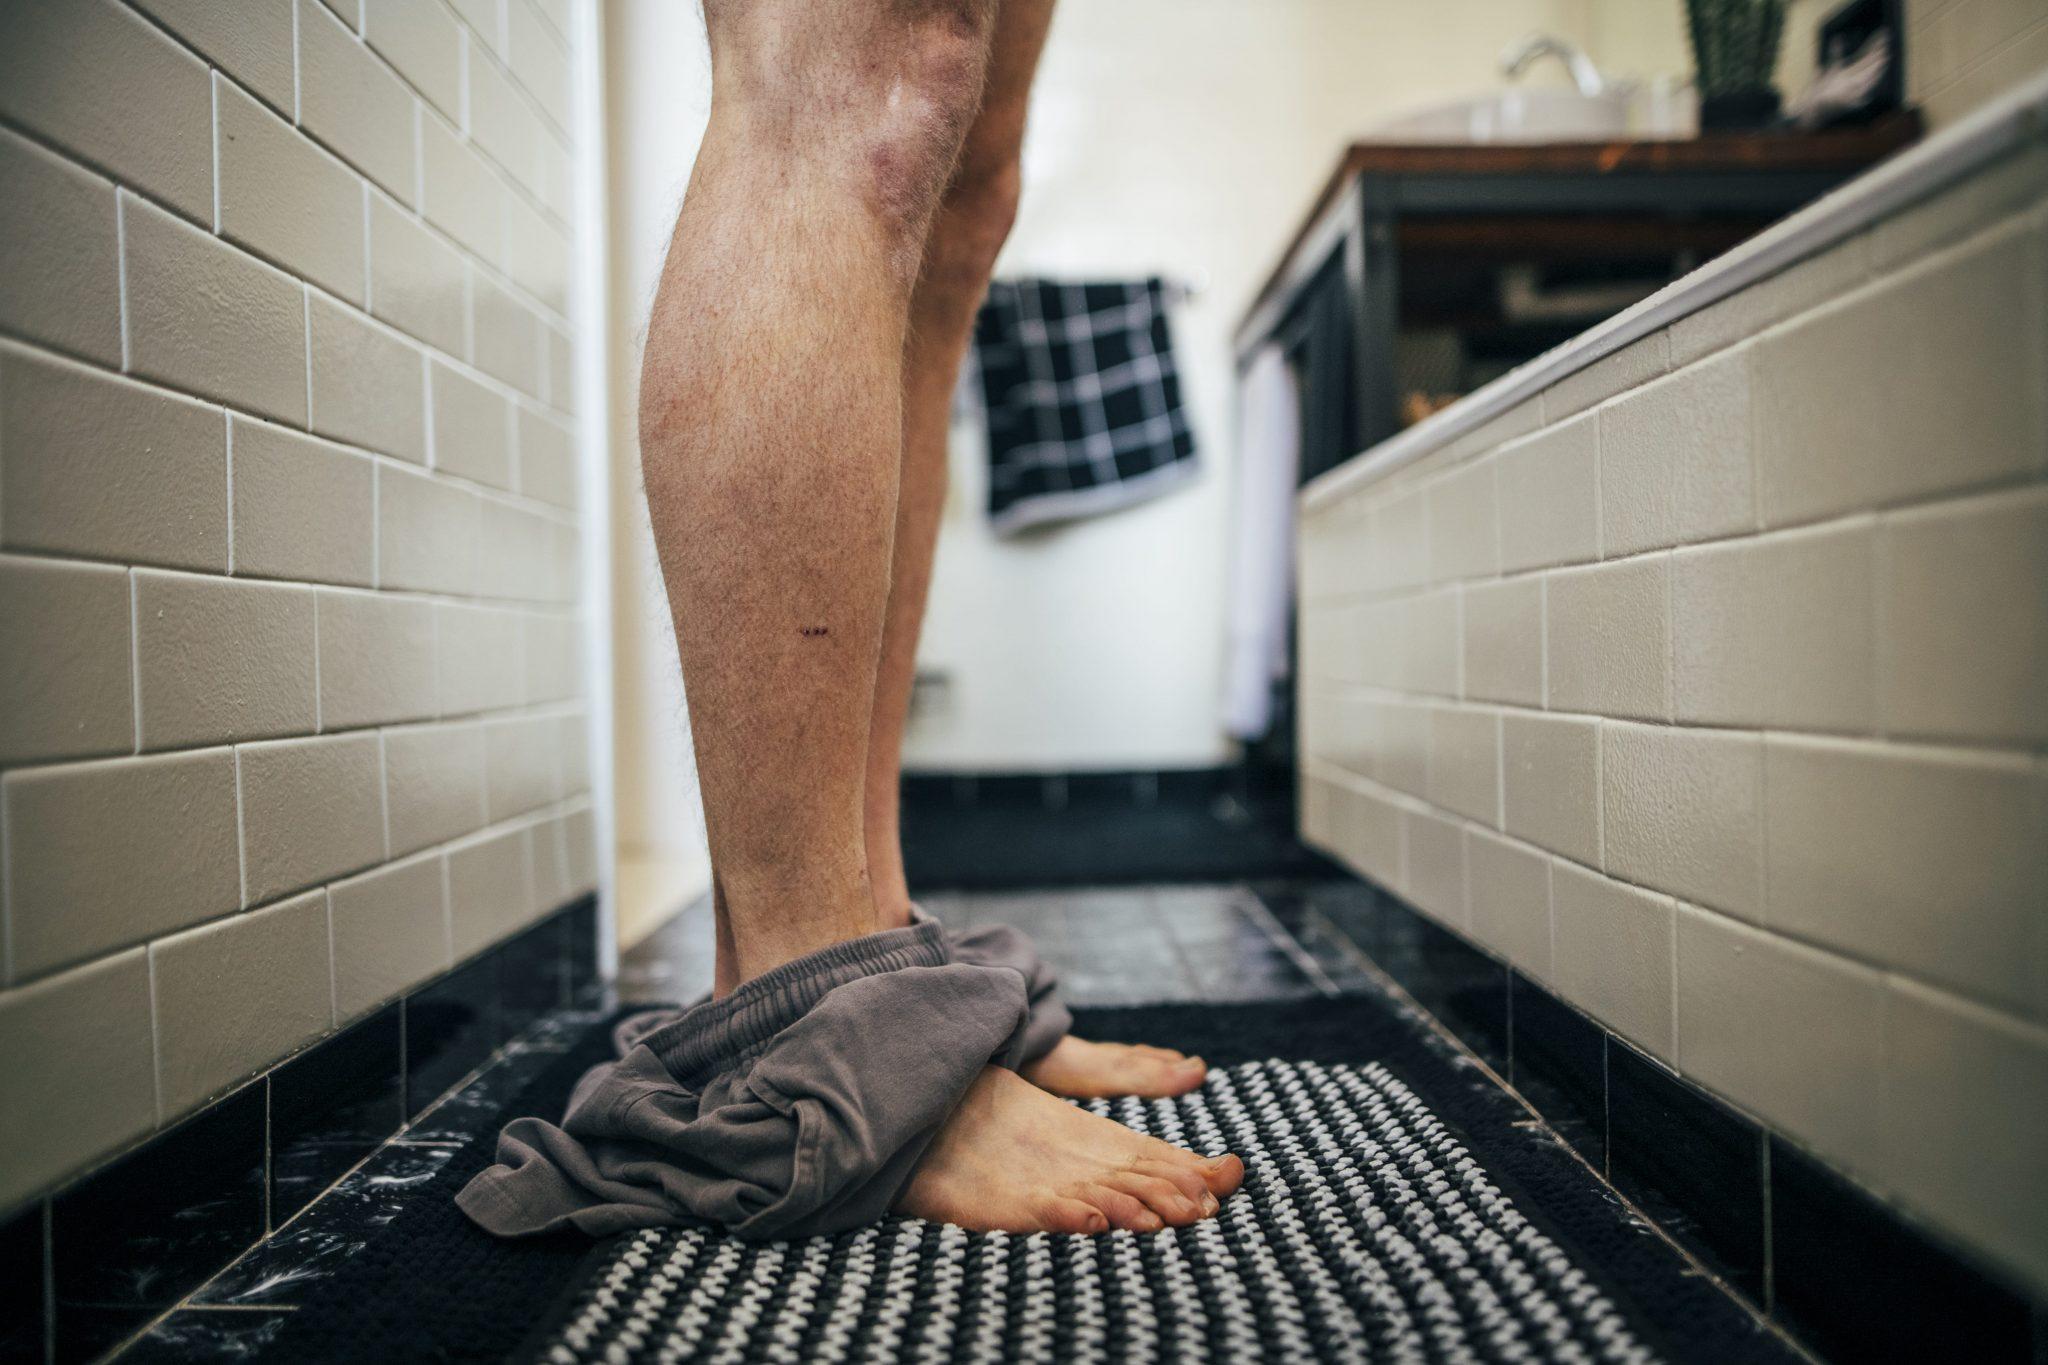 il dettaglio delle gambe con i pantaloncini per terra prima di entrare nella doccia